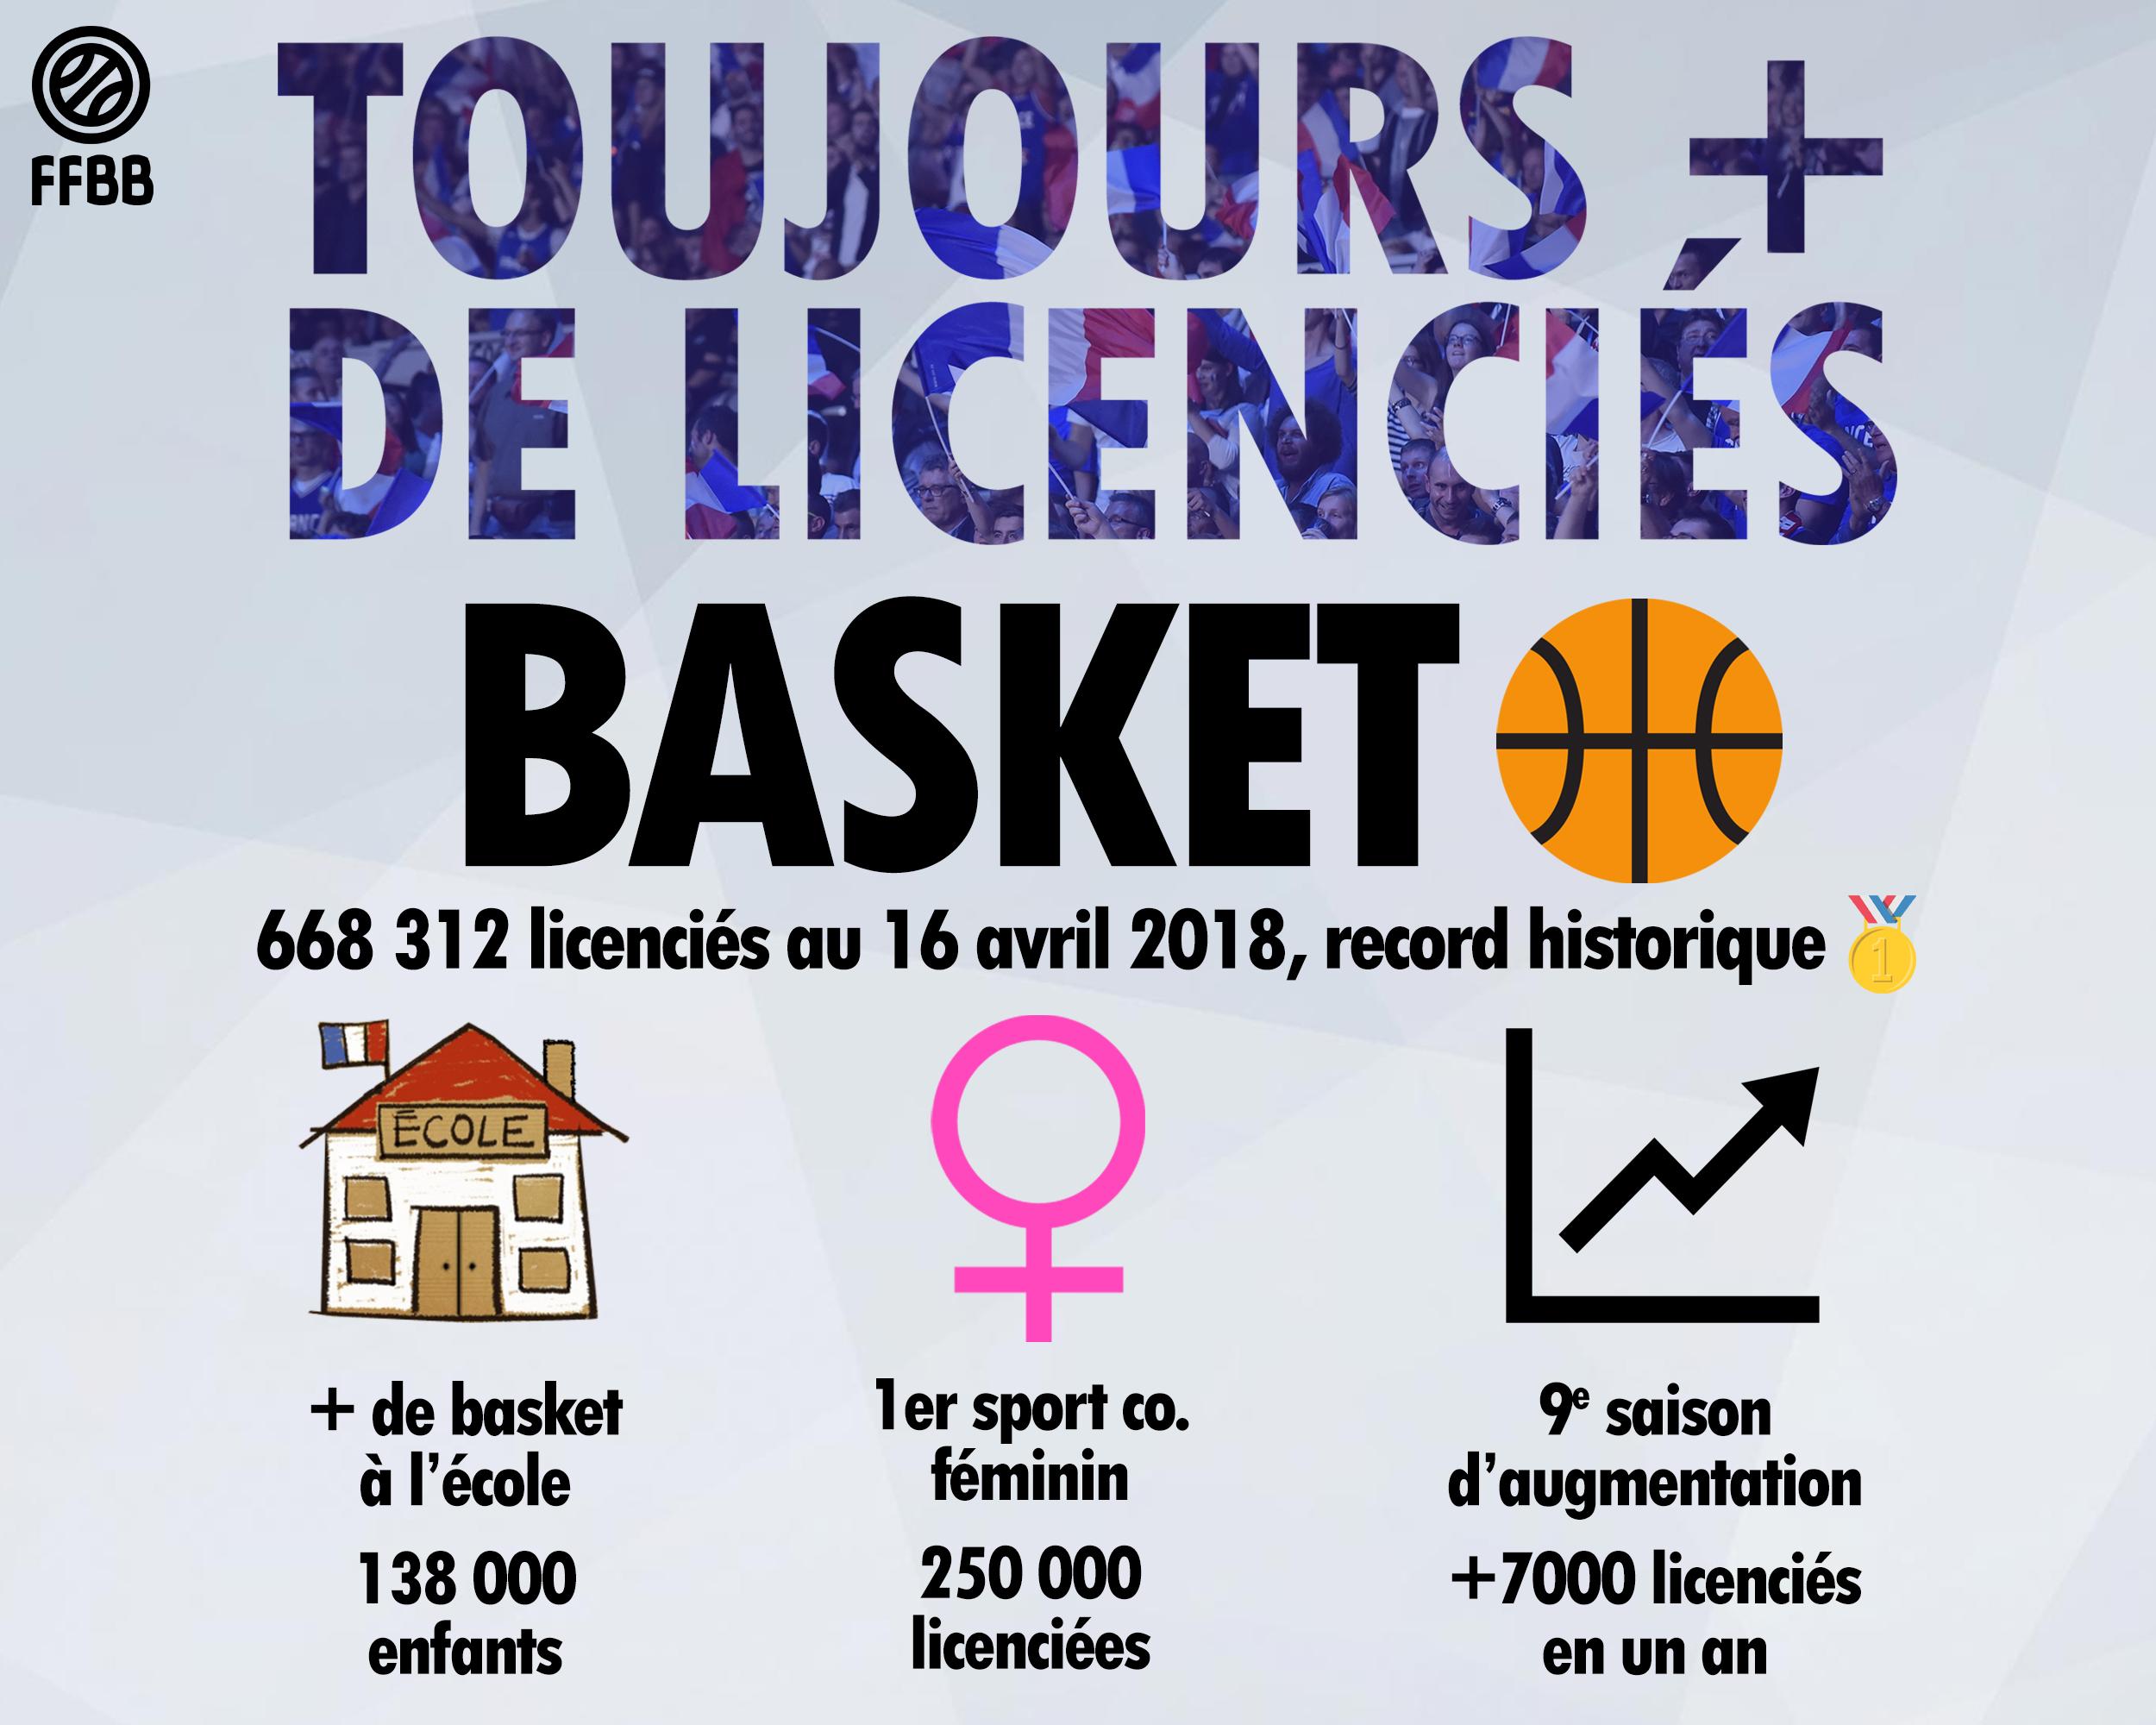 Nouveau record historique de licenciés pour le basket français